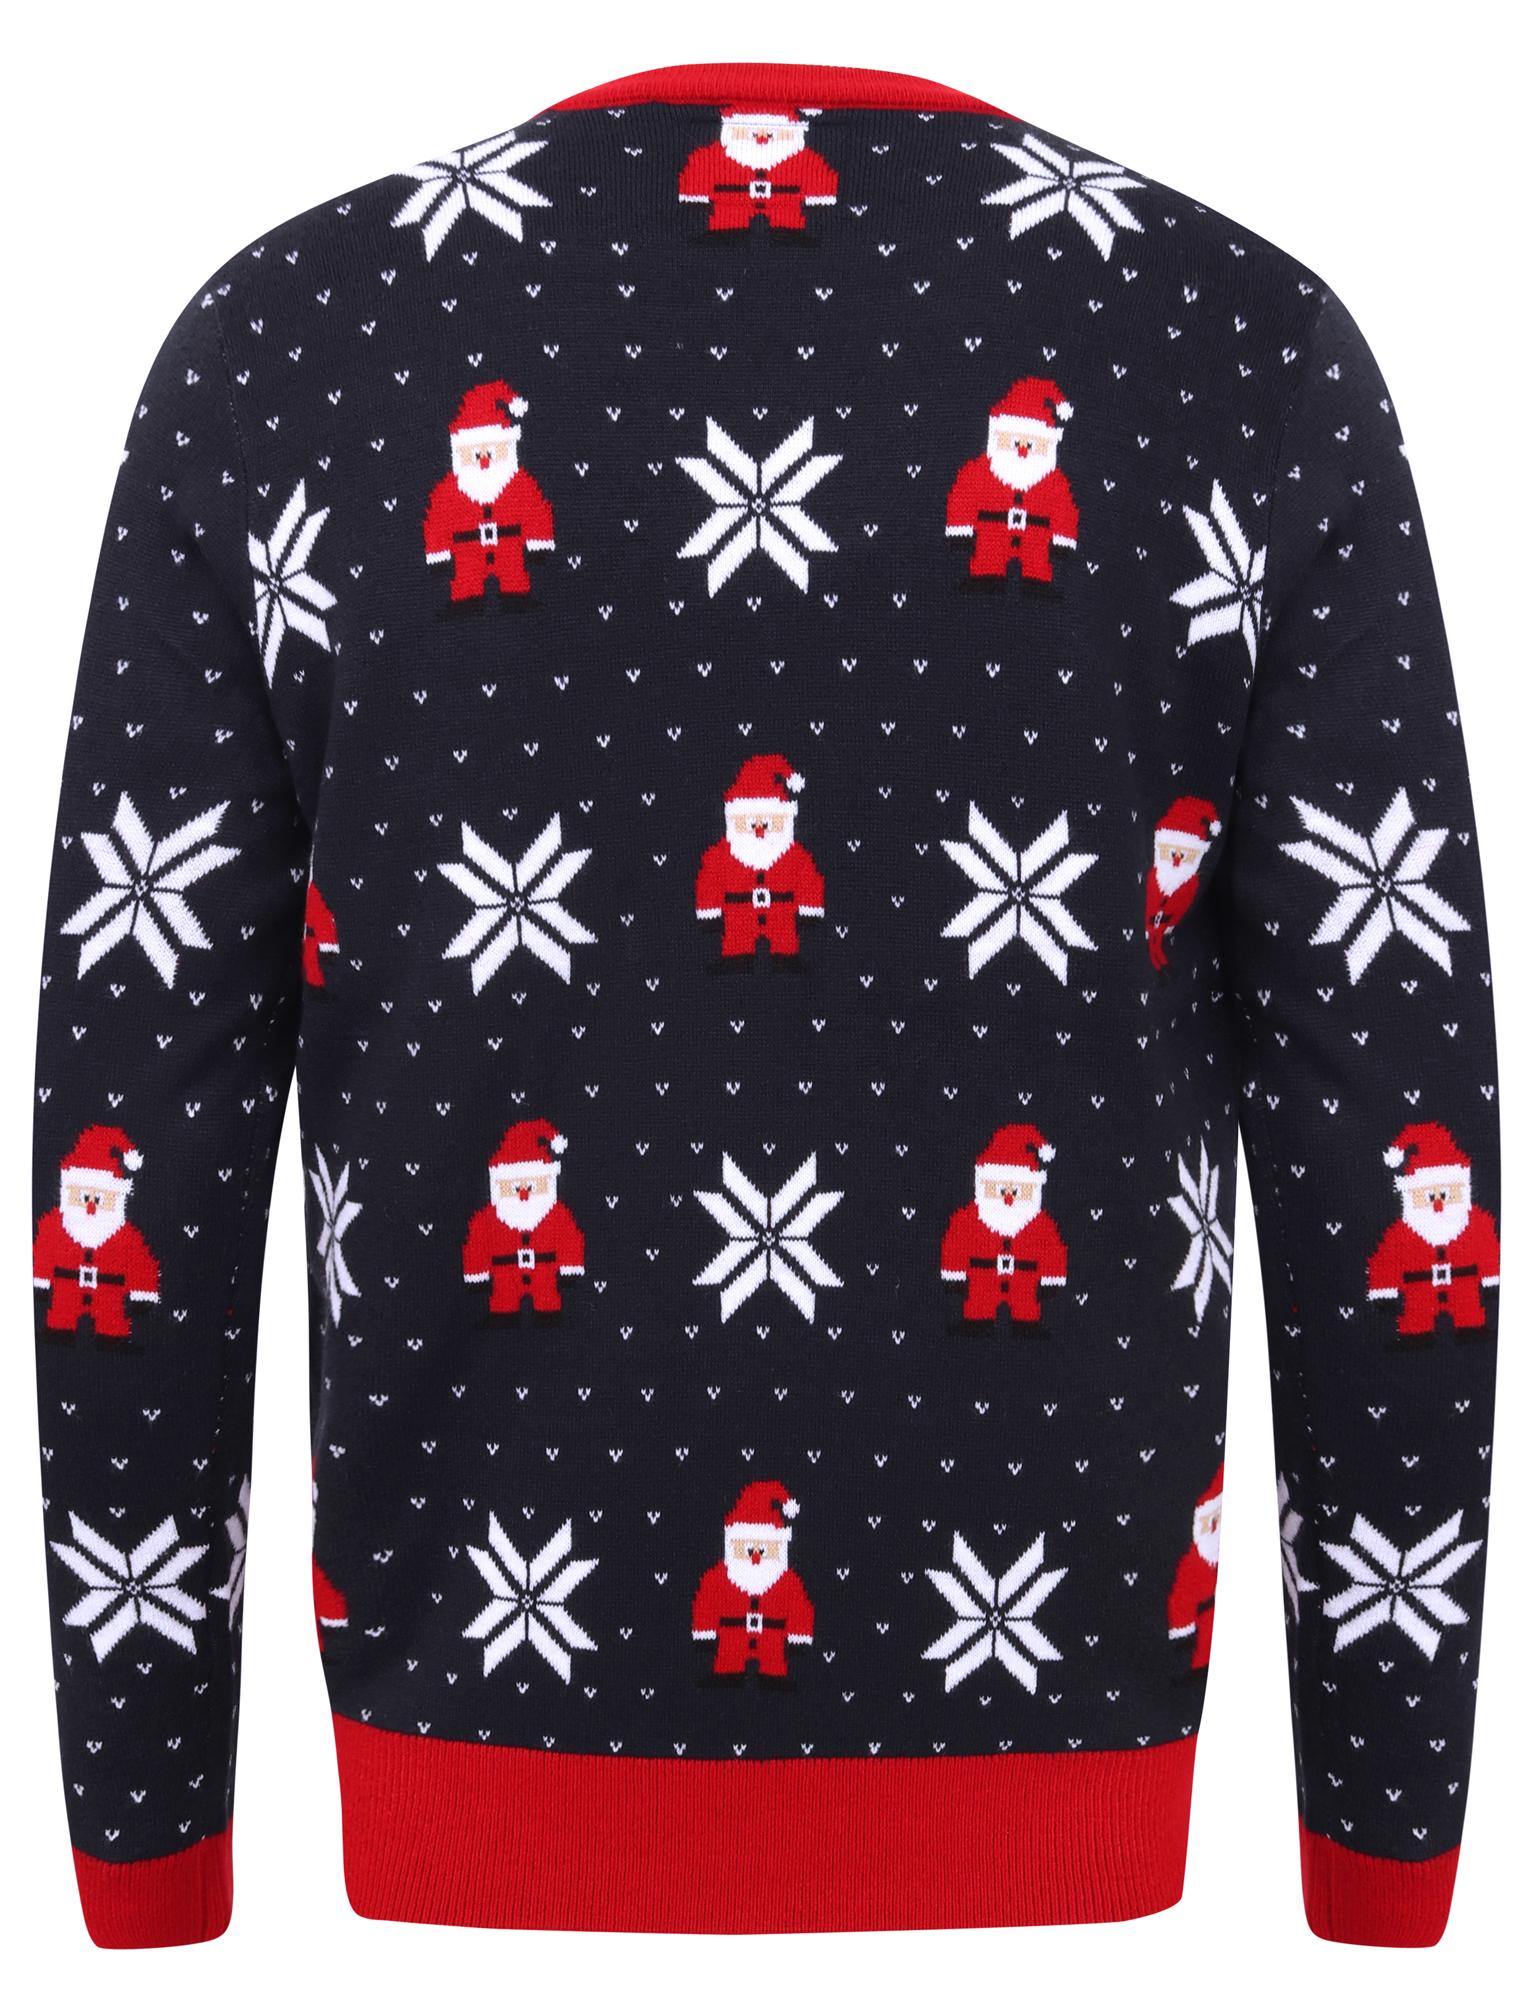 Feliz-Navidad-Para-Hombre-Novedad-Navidad-Sueter-Santa-Elfo-Reno-divertido-Cerveza miniatura 70